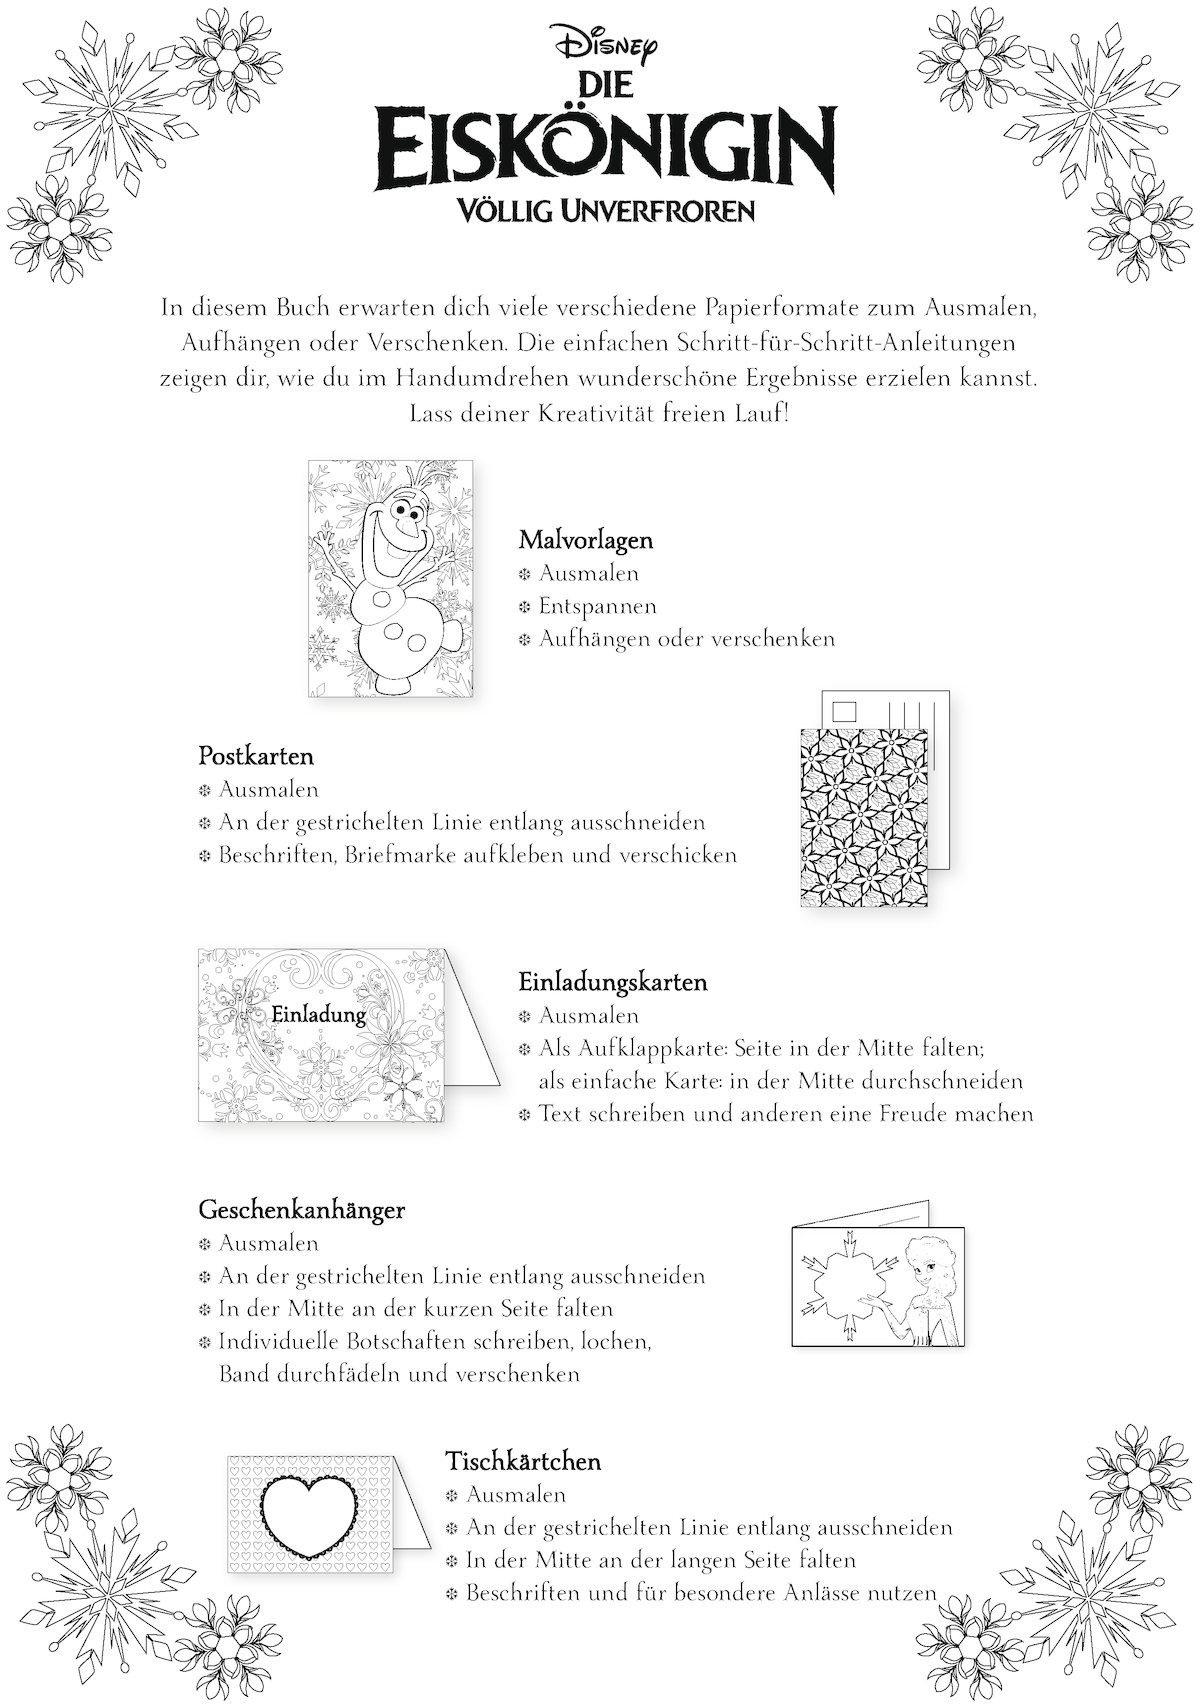 Schön Freie Zeichenseiten Zeitgenössisch - Malvorlagen Von Tieren ...